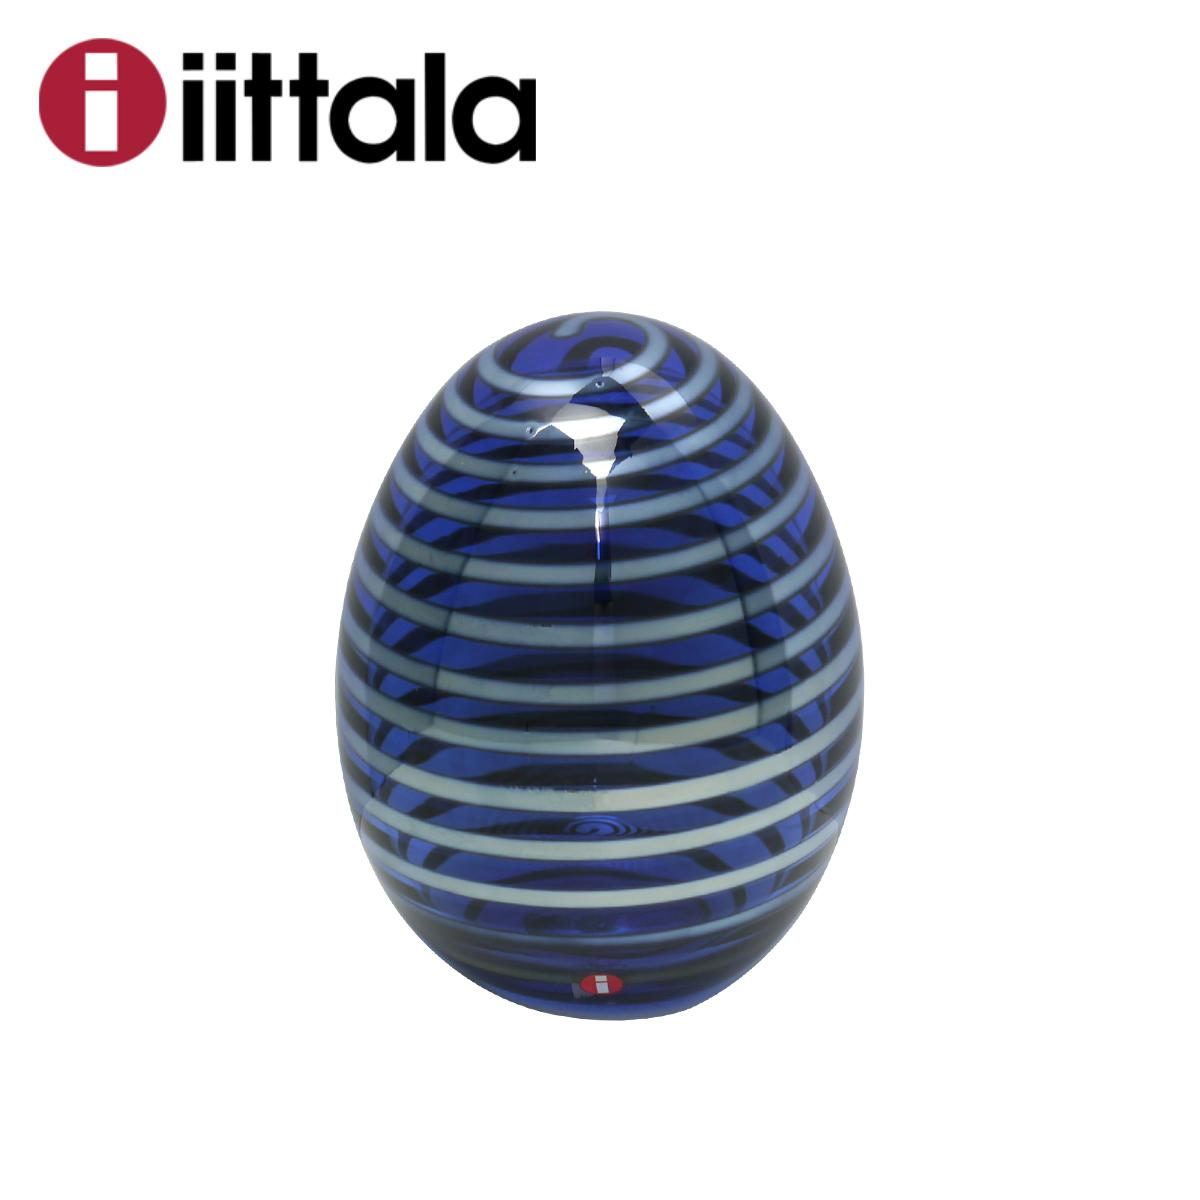 イッタラ バード トイッカ iittala (BIRDS BY TOIKKA)ANN.EGG 2018 90X130mm アニュアルエッグ2018 イッタラ/ittala 北欧 フィンランド 置物 オブジェ 2018年限定